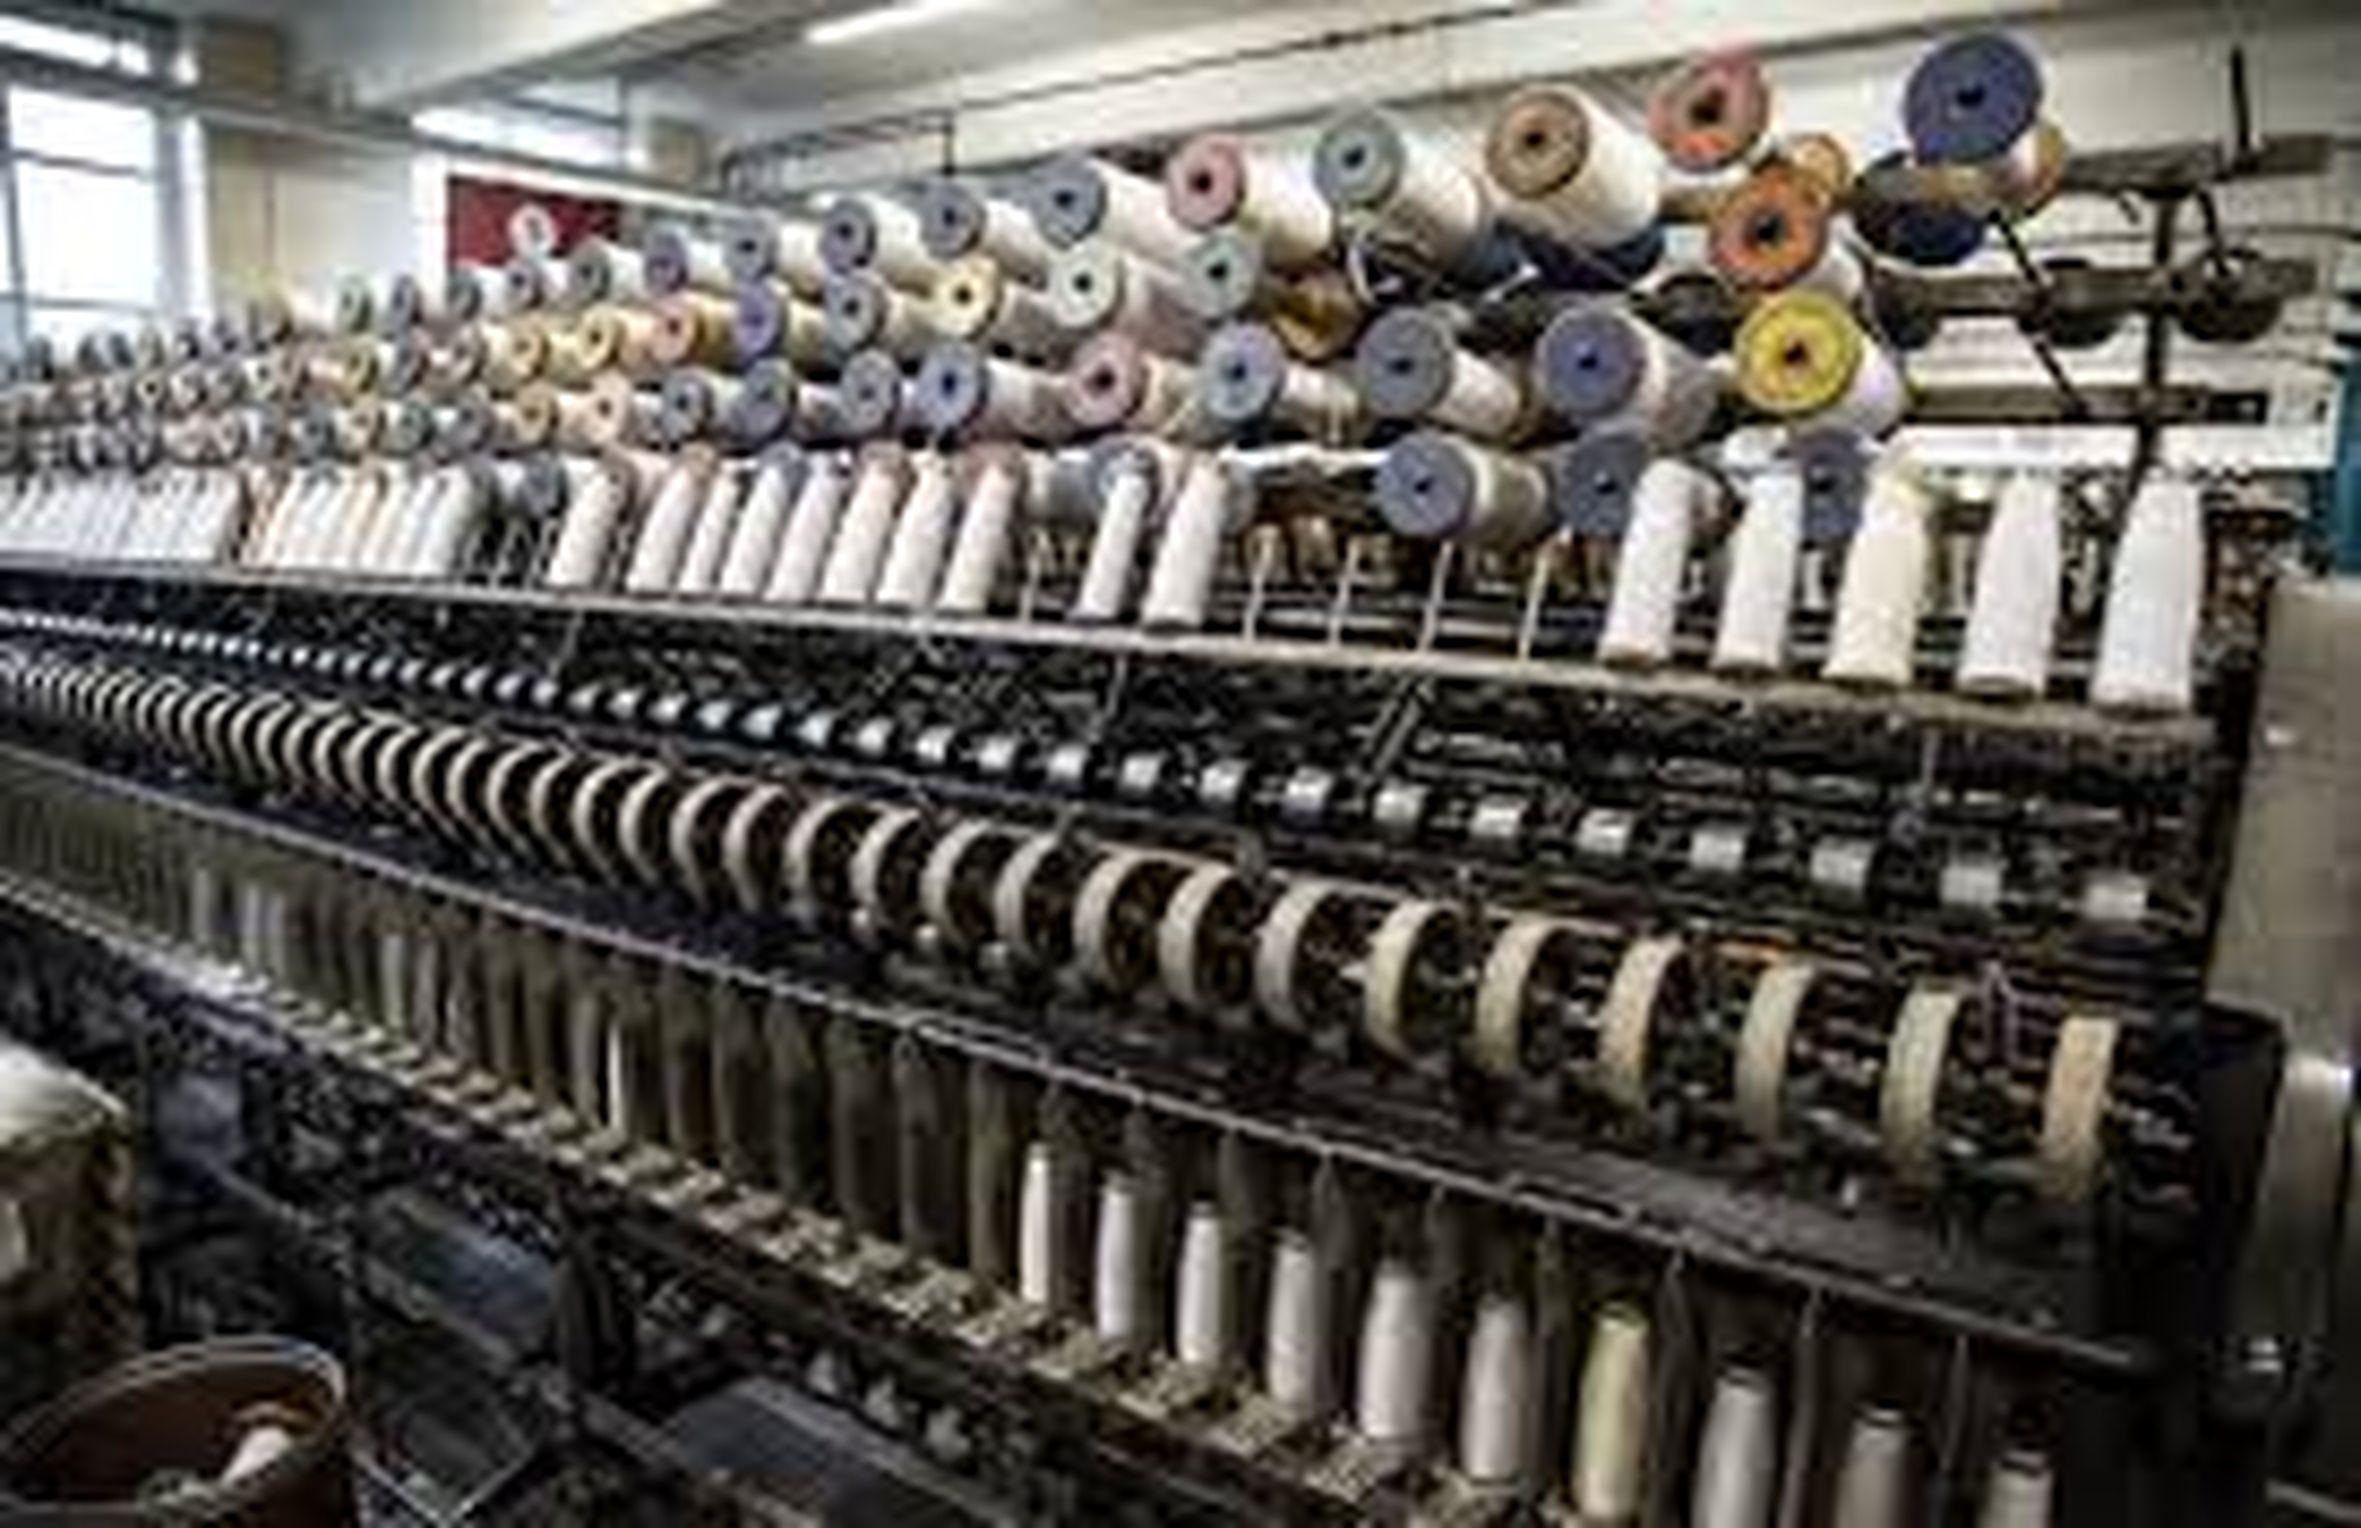 मेक इन इन्डिया योजना का भी असर नहीं हो रहा कपड़ा मशीनरी उद्योग पर?